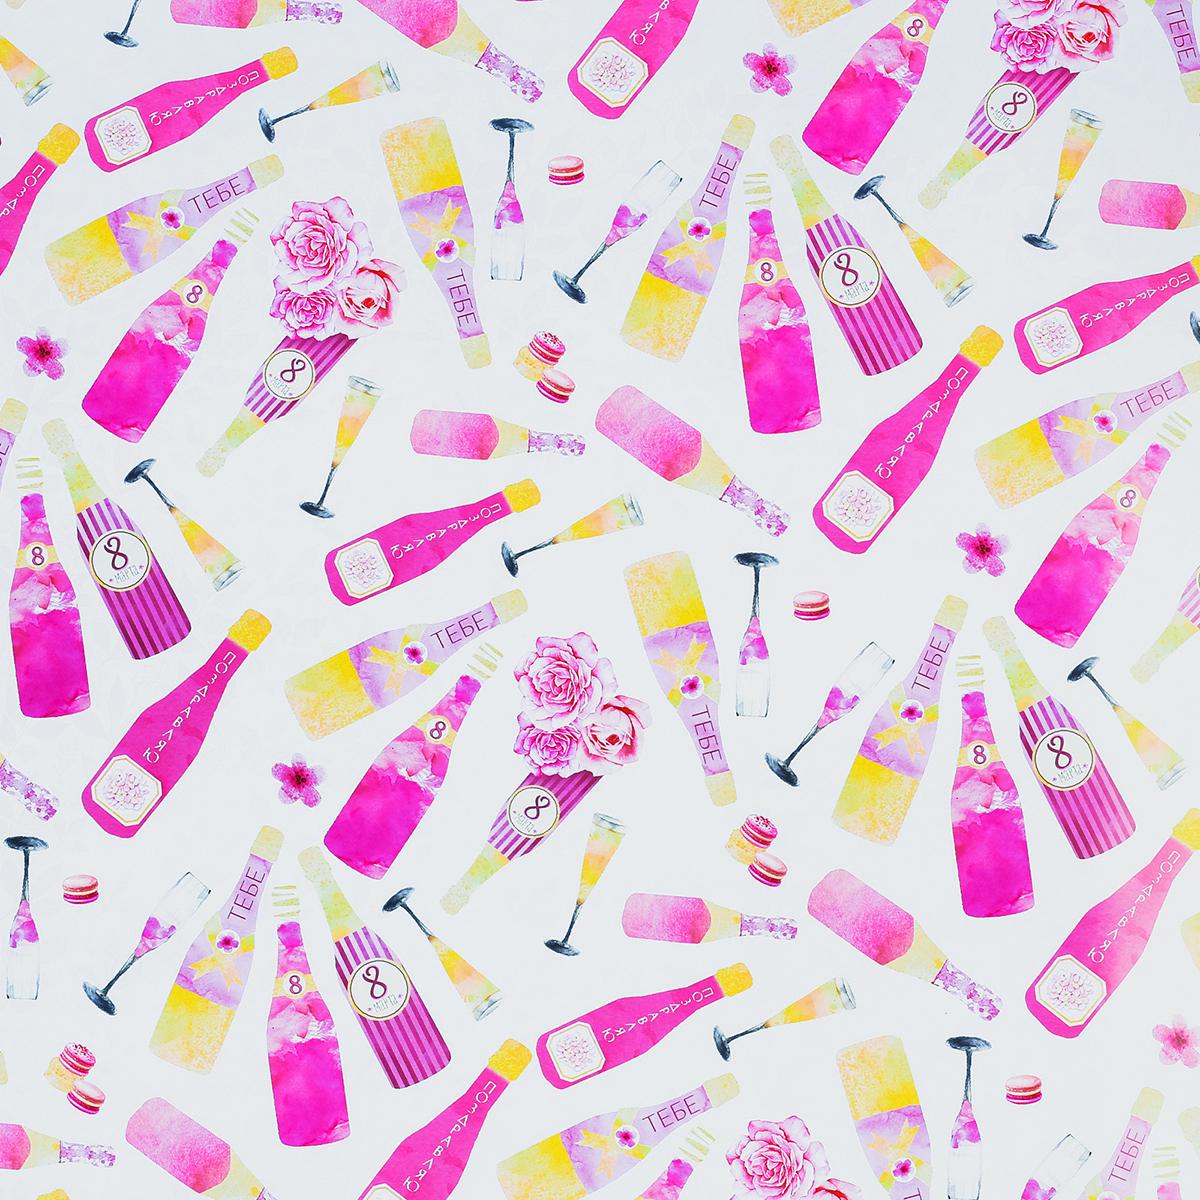 Бумага упаковочная Дарите счастье Шампанское, глянцевая, 70 х 100 см. 28873262887326Любой подарок начинается с упаковки. Что может быть трогательнее и волшебнее, чем ритуал разворачивания полученного презента. И именно оригинальная, со вкусом выбранная упаковка выделит ваш подарок из массы других. Она продемонстрирует самые тёплые чувства к виновнику торжества и создаст сказочную атмосферу праздника. Бумага упаковочная глянцевая Шампанское, 100х70 см — это то, что вы искали. Невозможно представить нашу жизнь без праздников! Мы всегда ждём их и предвкушаем, обдумываем, как проведём памятный день, тщательно выбираем подарки и аксессуары, ведь именно они создают и поддерживают торжественный настрой. Бумага упаковочная глянцевая Шампанское, 100х70 см — это отличный выбор, который привнесёт атмосферу праздника в ваш дом!